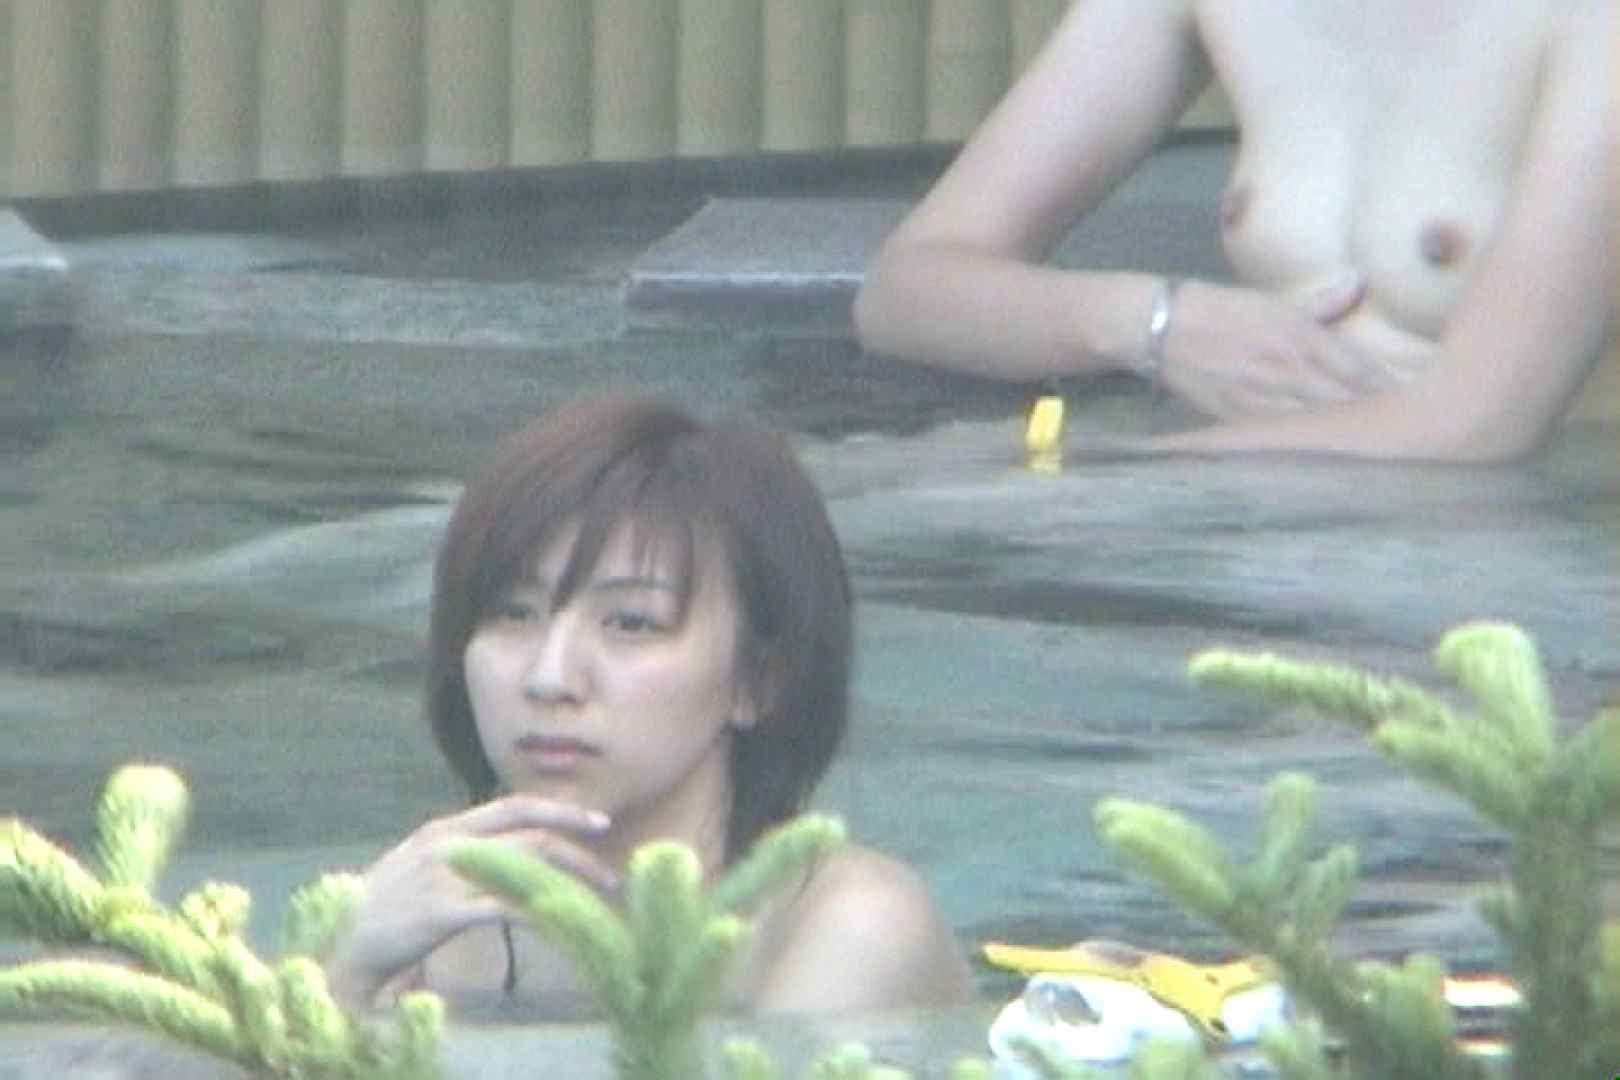 Aquaな露天風呂Vol.77【VIP限定】 露天 ワレメ動画紹介 107画像 107